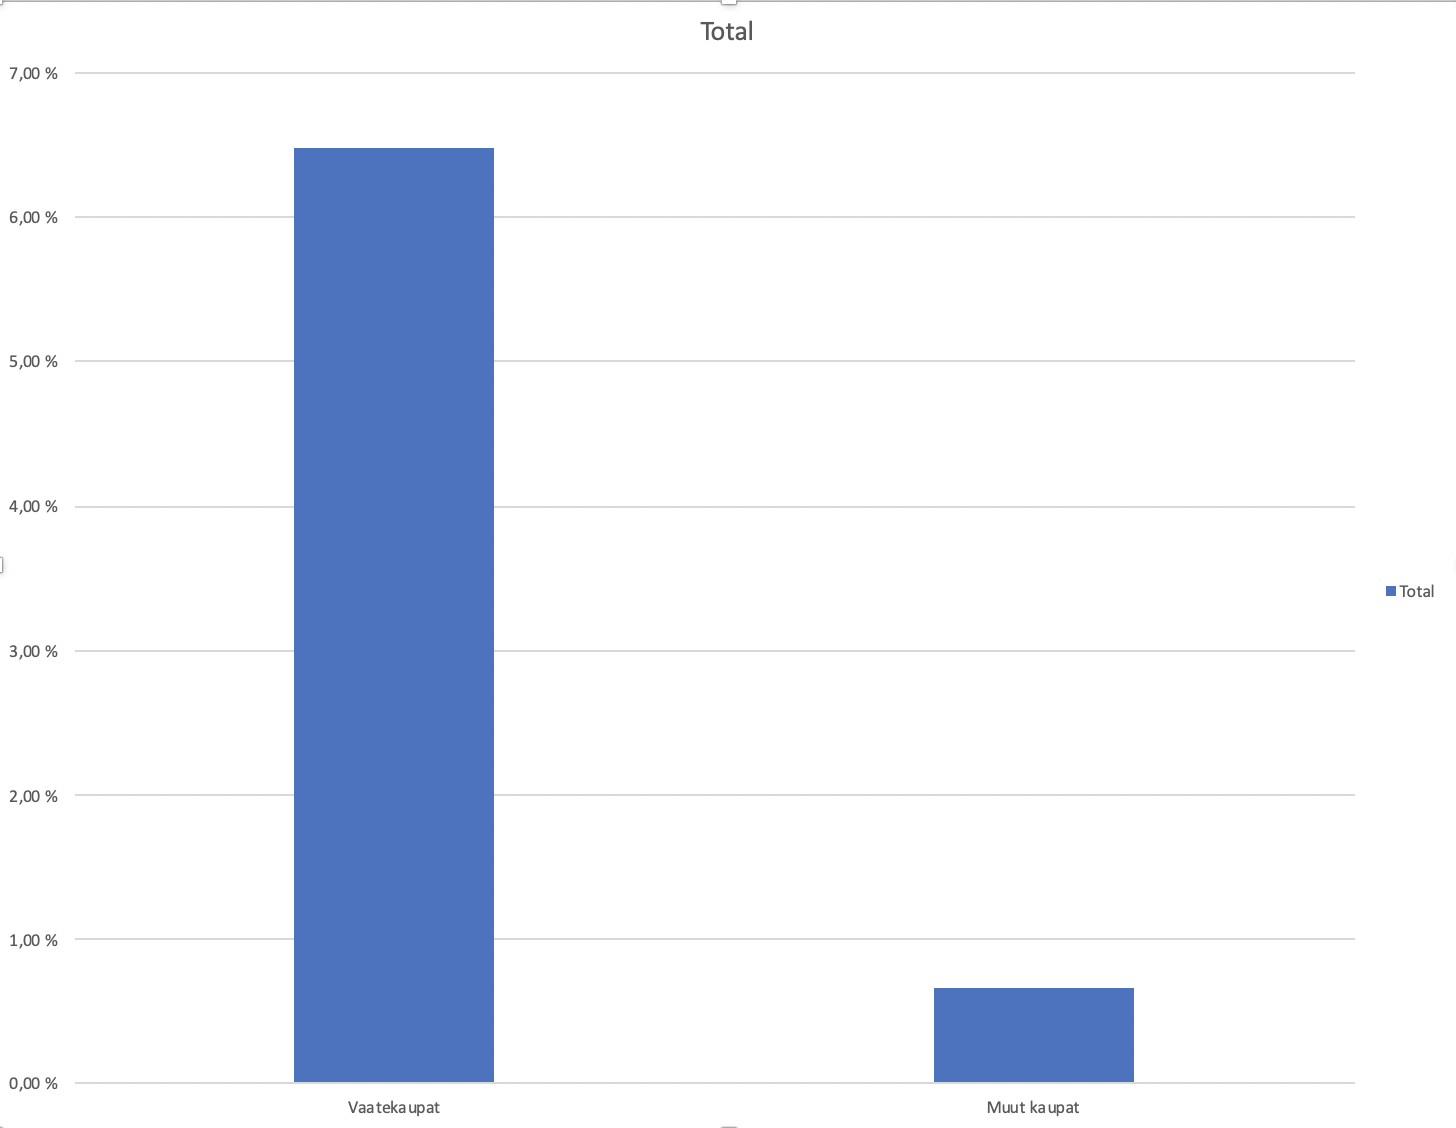 Statistiikkaa maksunpalautuksista - yksi toimiala poikkeaa muista